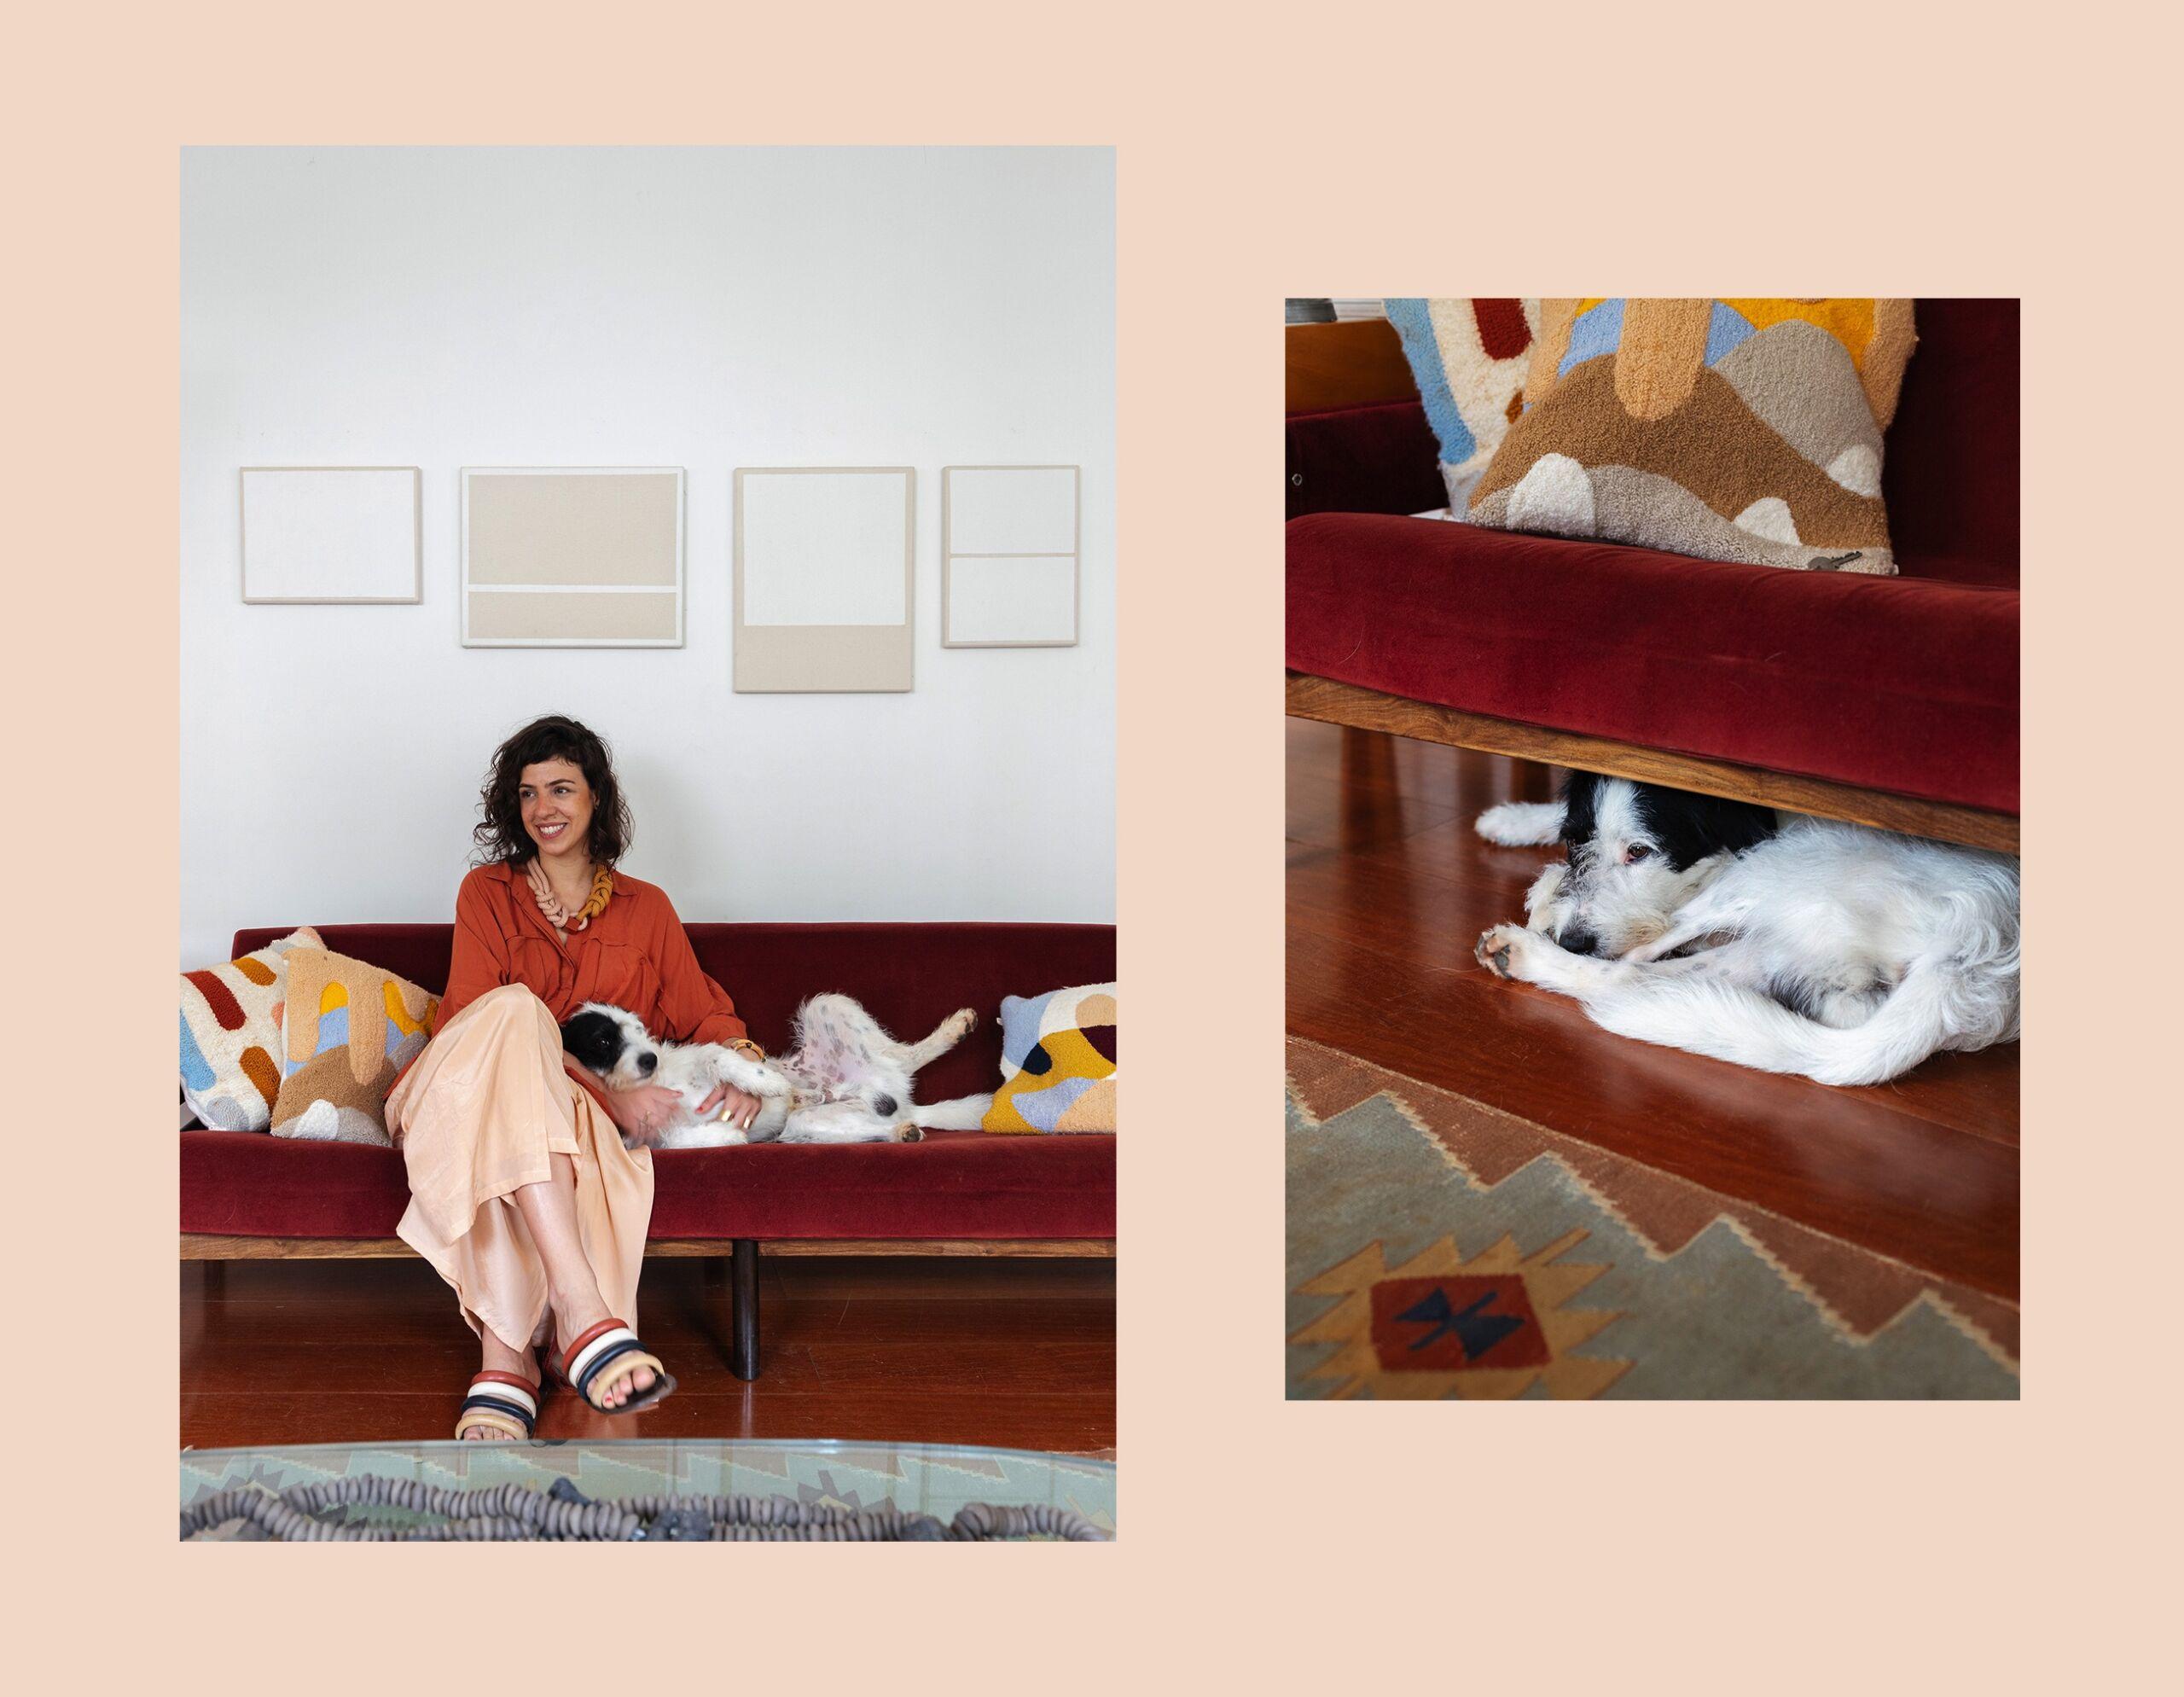 Pets em casa na quarentena, como lidar com os bichinhos na nova rotina